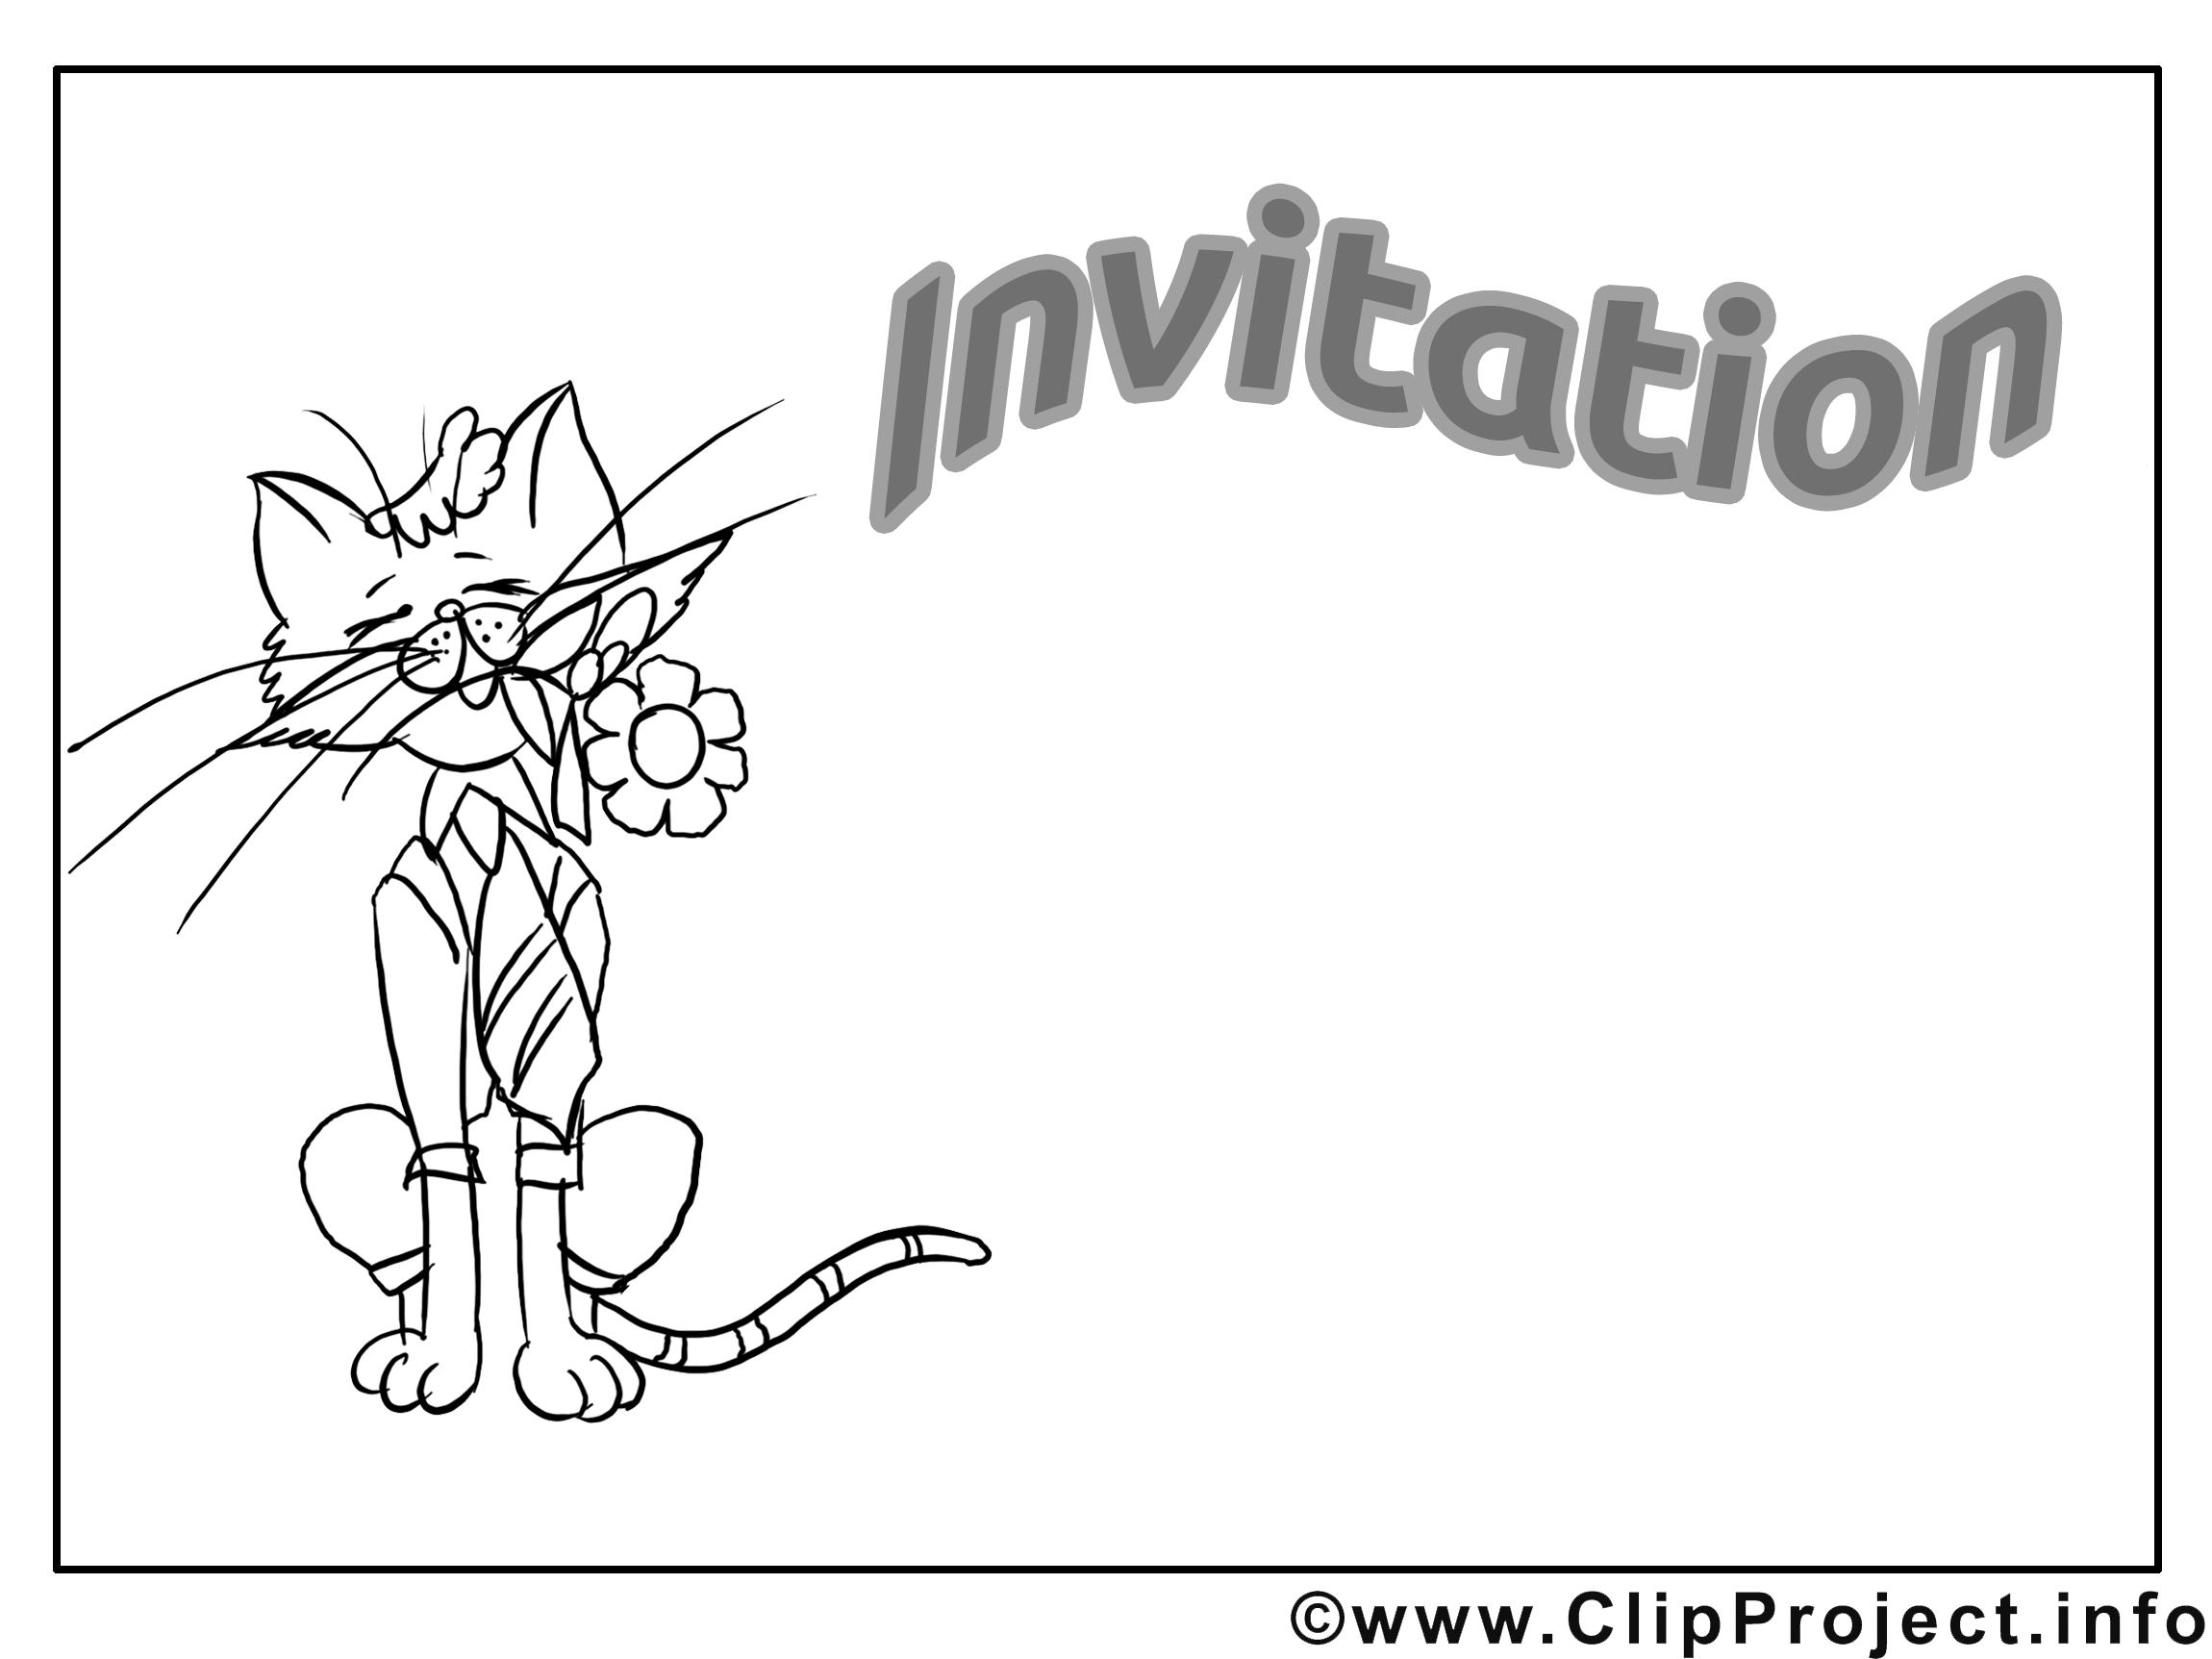 Chat images à colorier - Invitation clip art gratuit